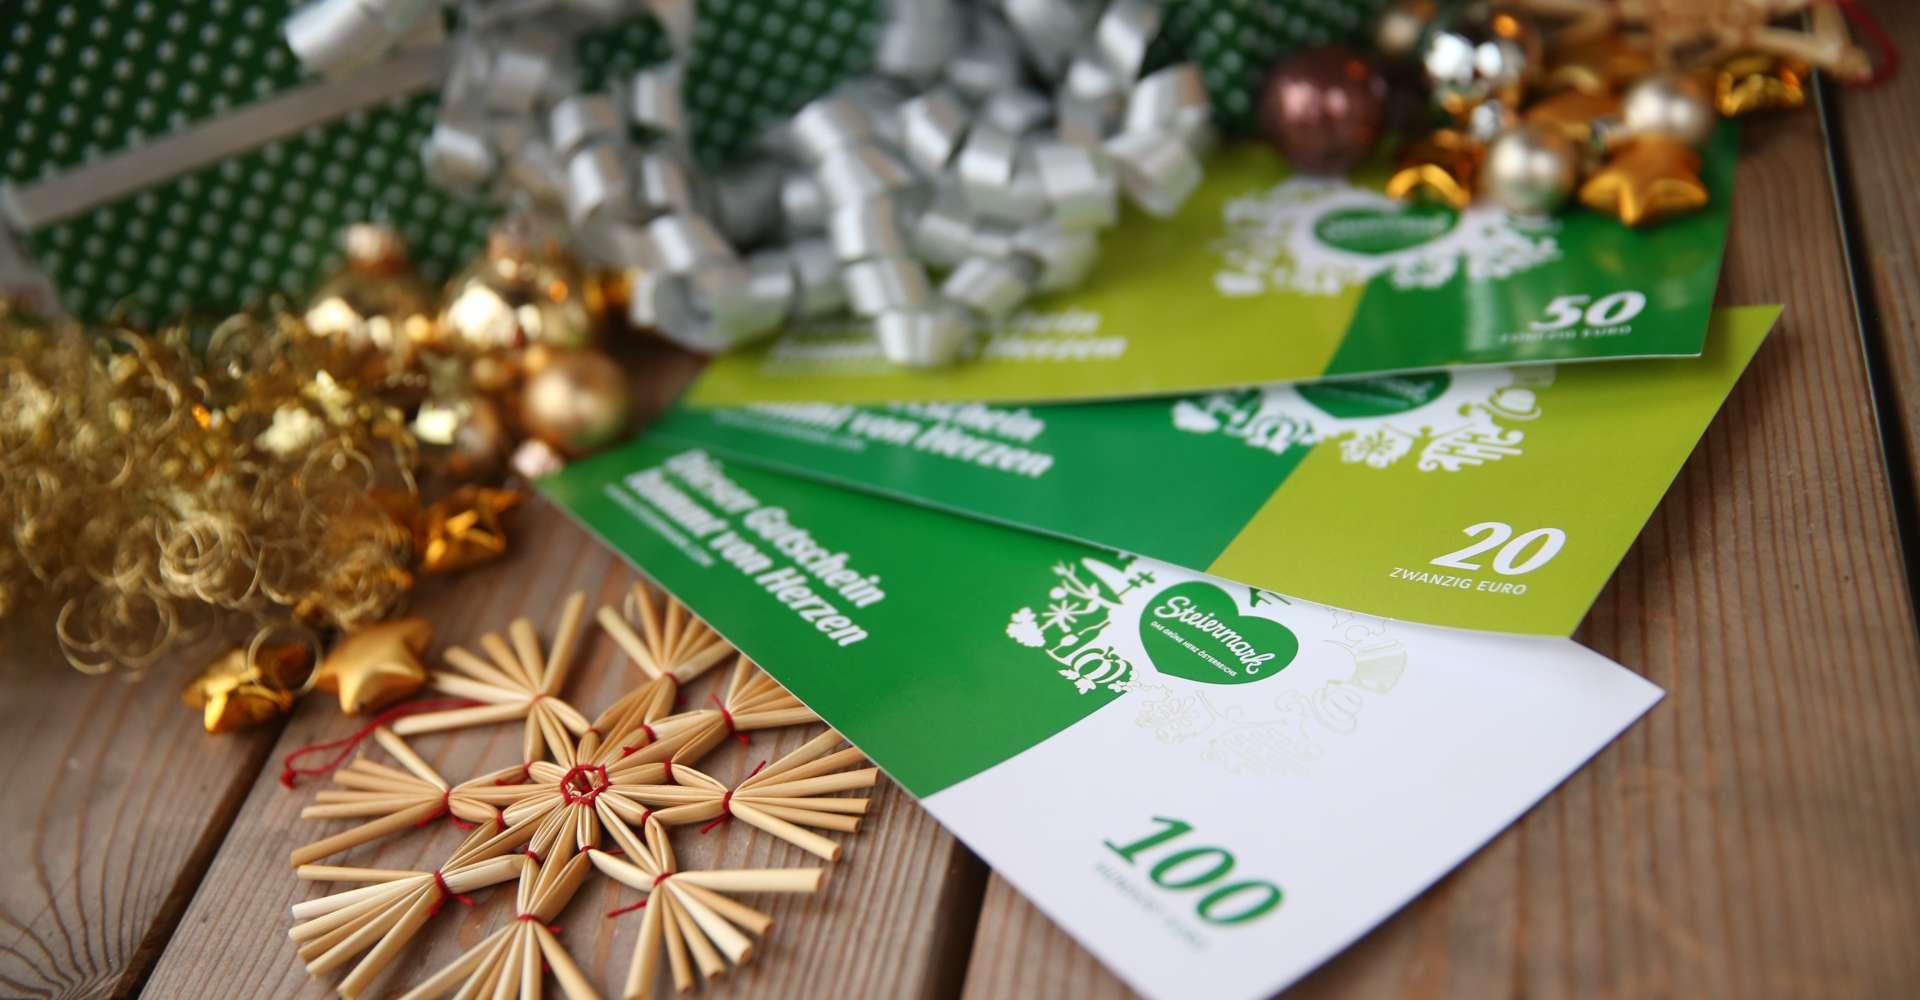 <p>Steiermark Gutschein - die Idee für die verpasste Weihnachtsfeier.</p> Copyright:Steiermarktourismus